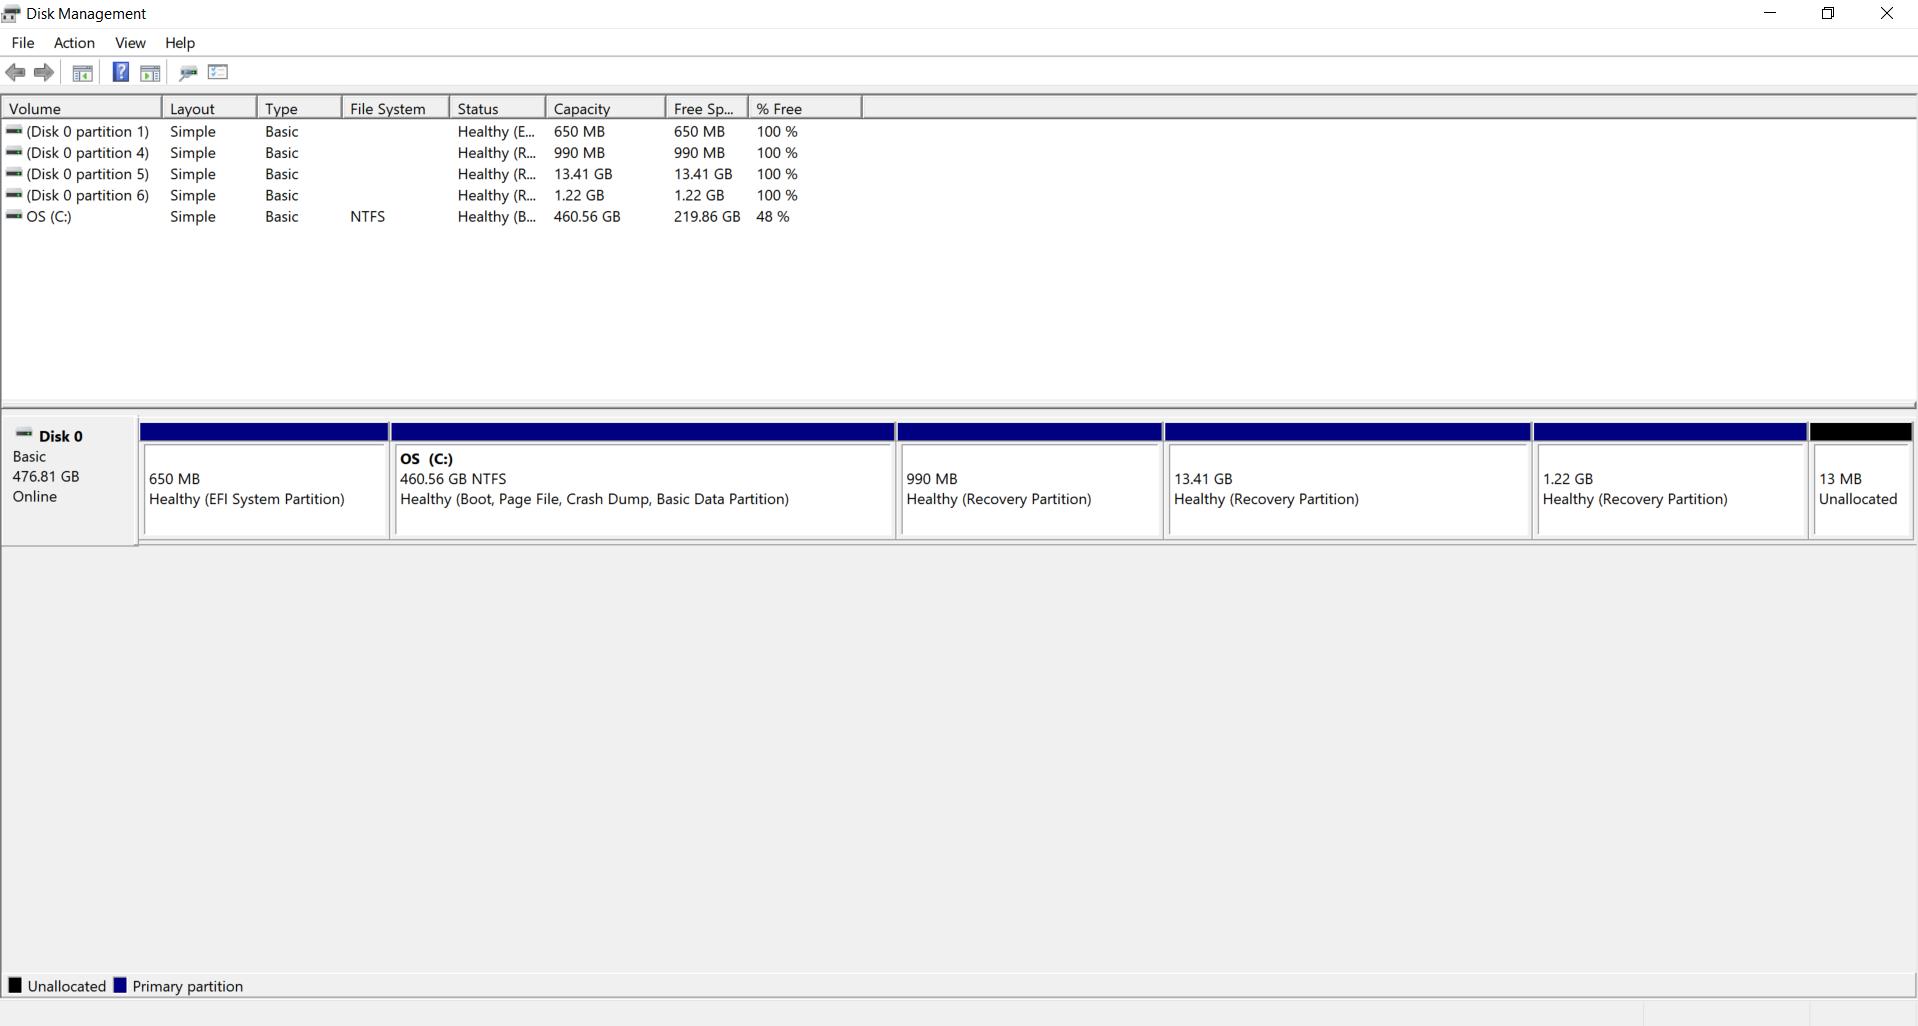 13GB unused Recovery Partition da1c56fa-074e-4f1e-be89-7dd2e92c11ca?upload=true.png